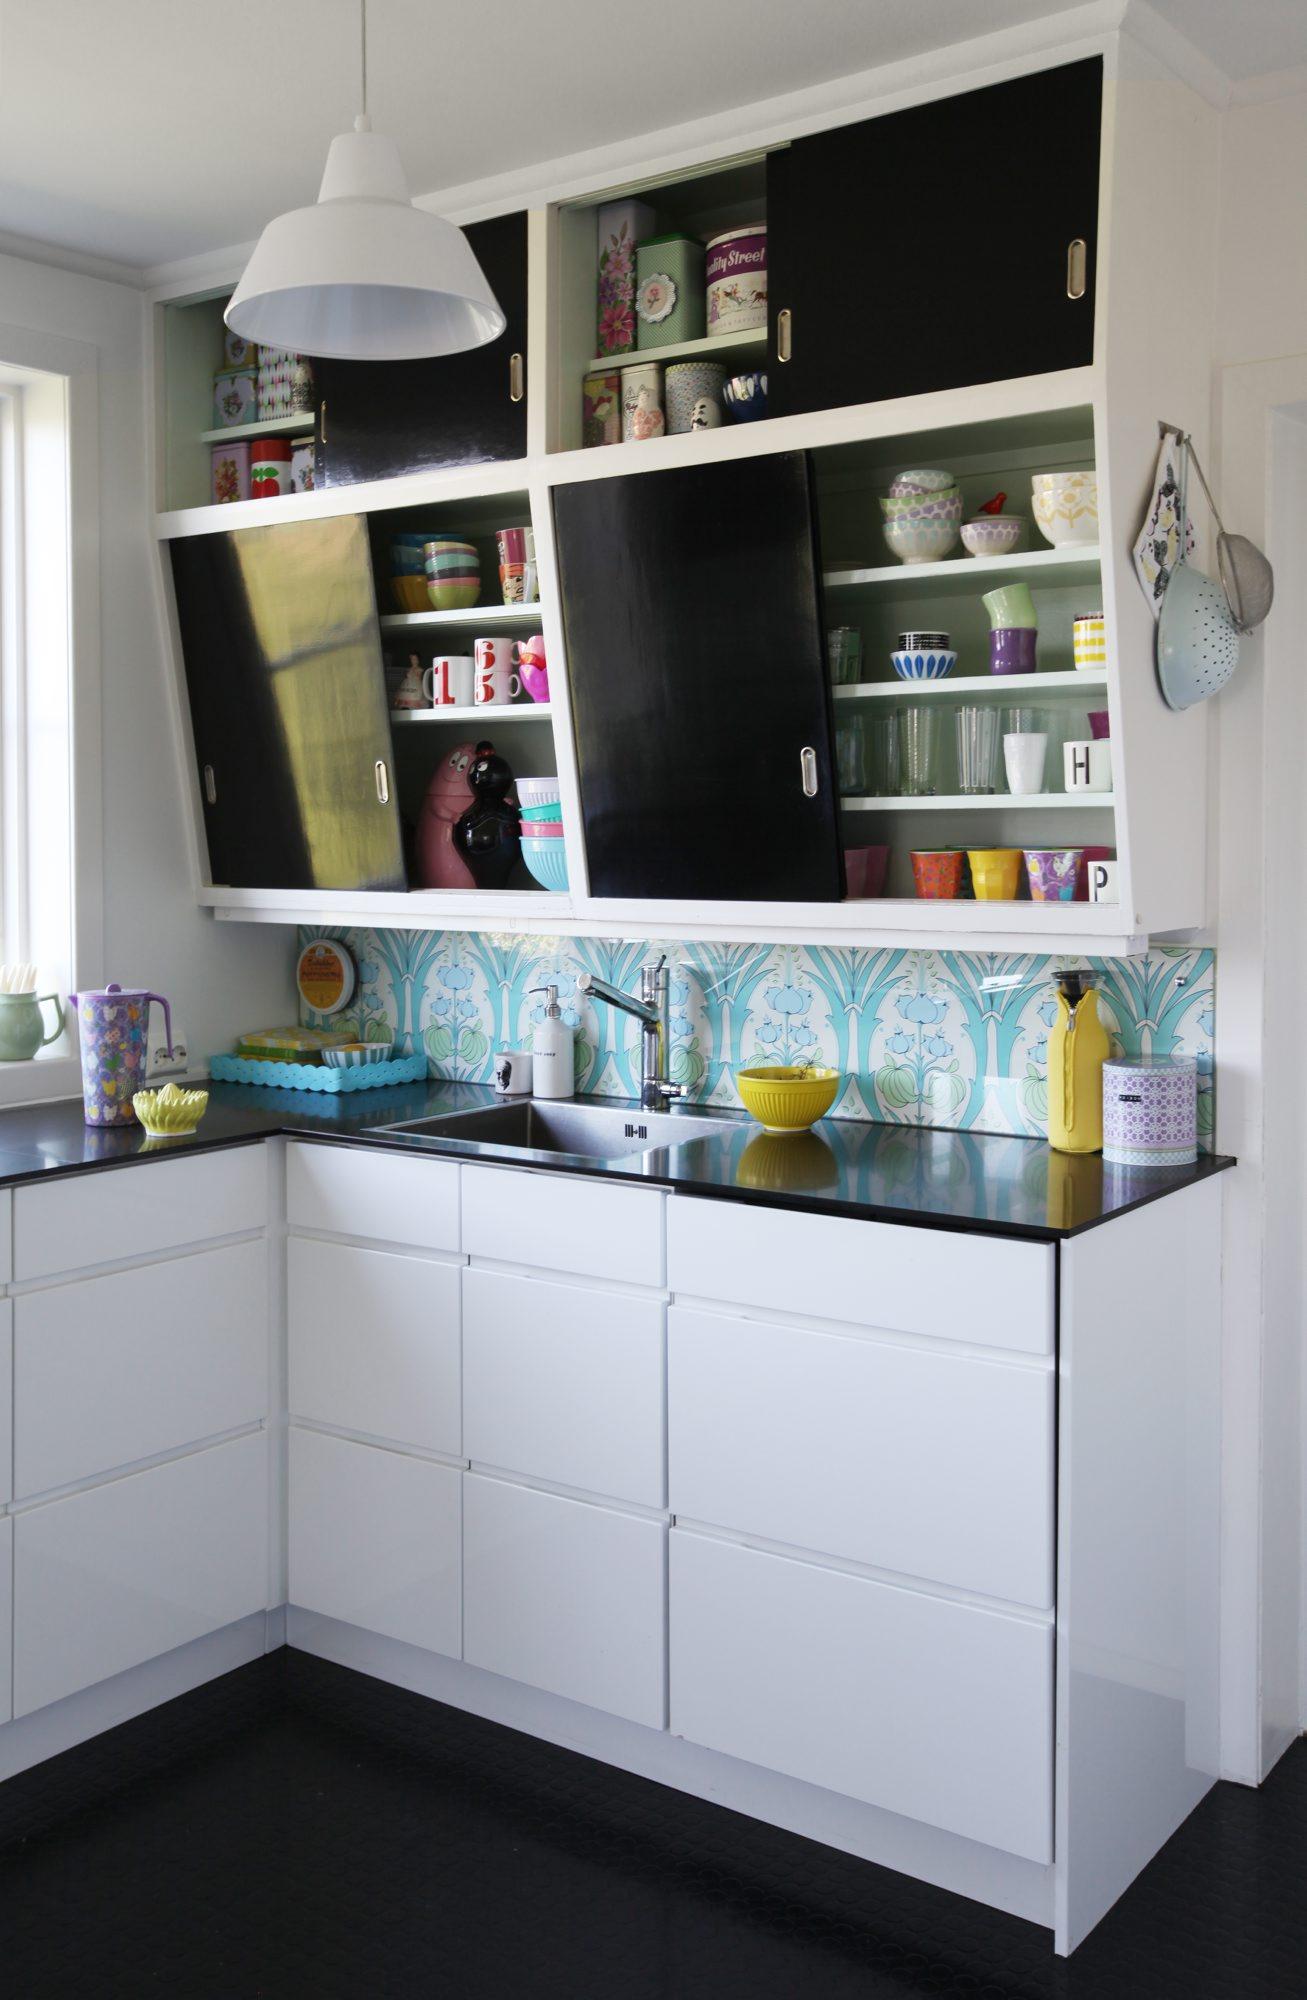 Kjøkken som kombinerer gamle overskap med nye underskap i kjøkkeninnredningen.